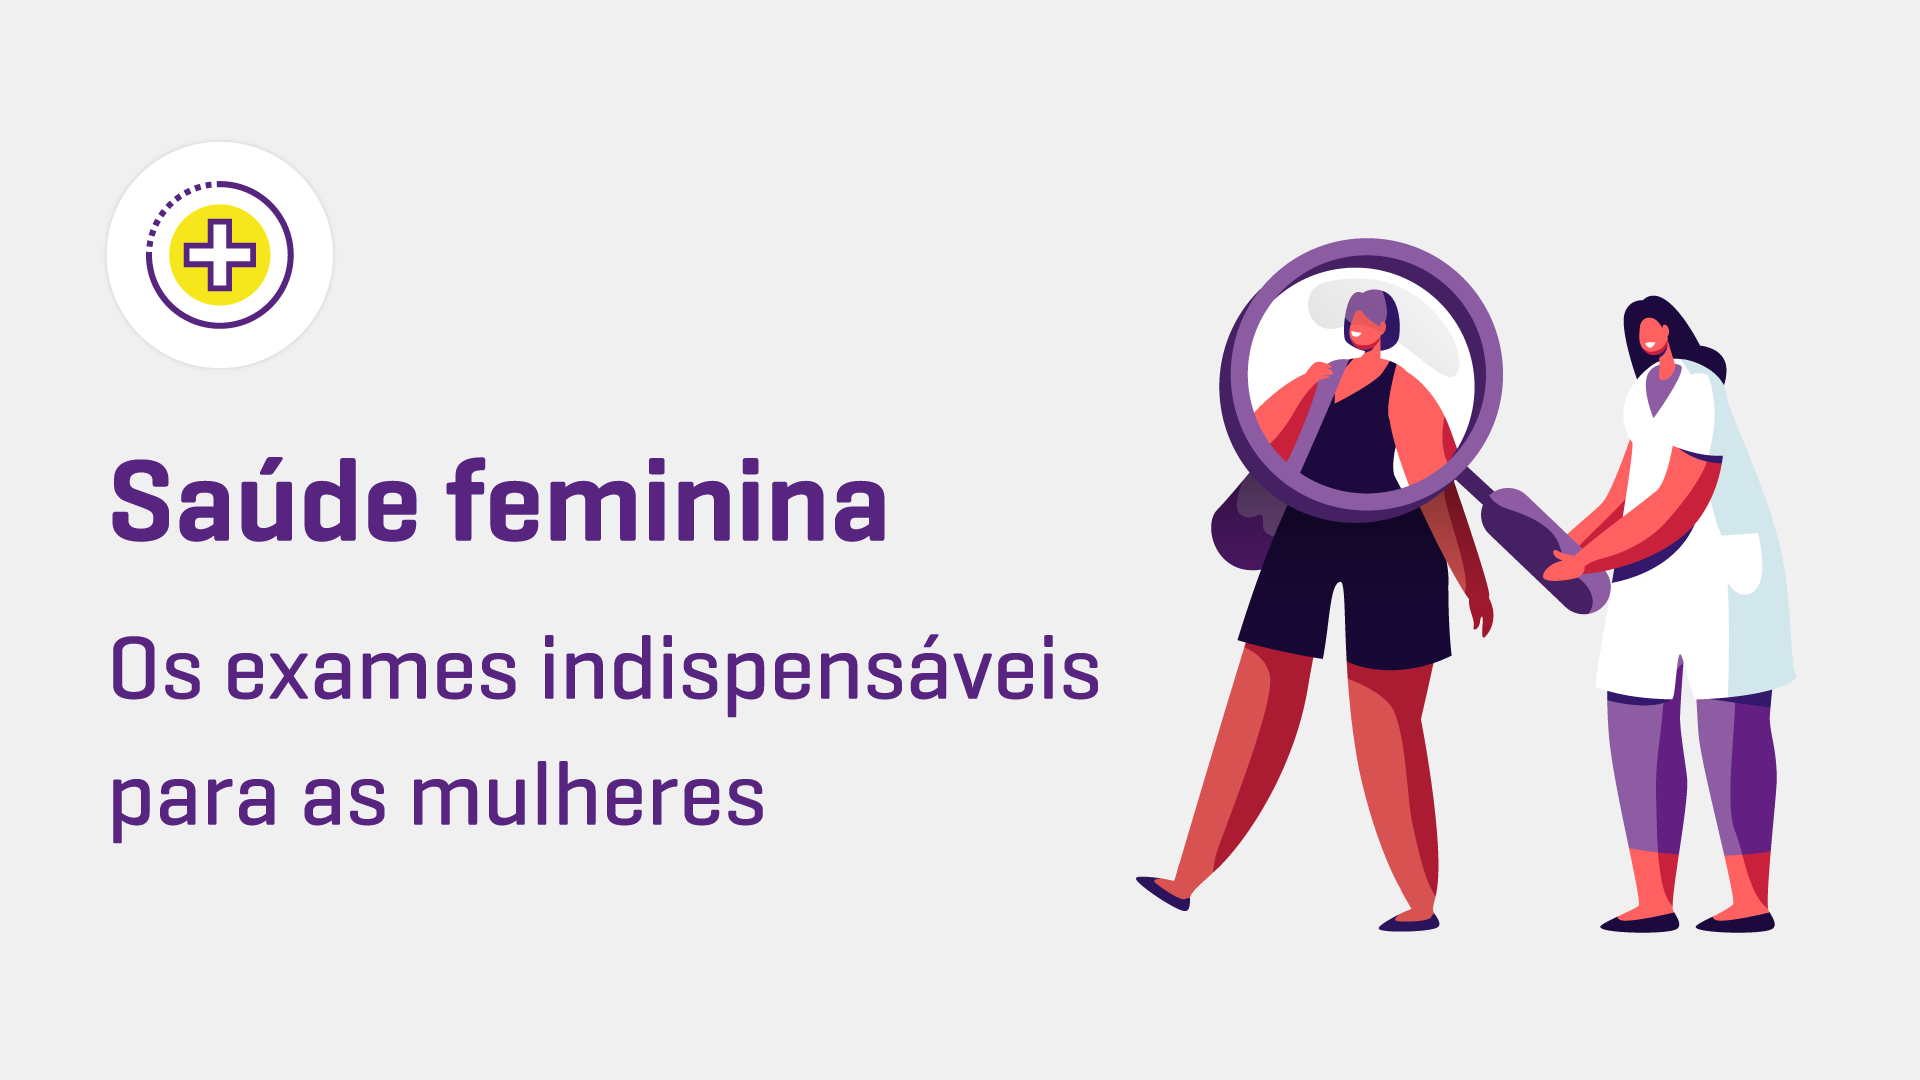 Saúde feminina: os exames mais importantes para mulheres